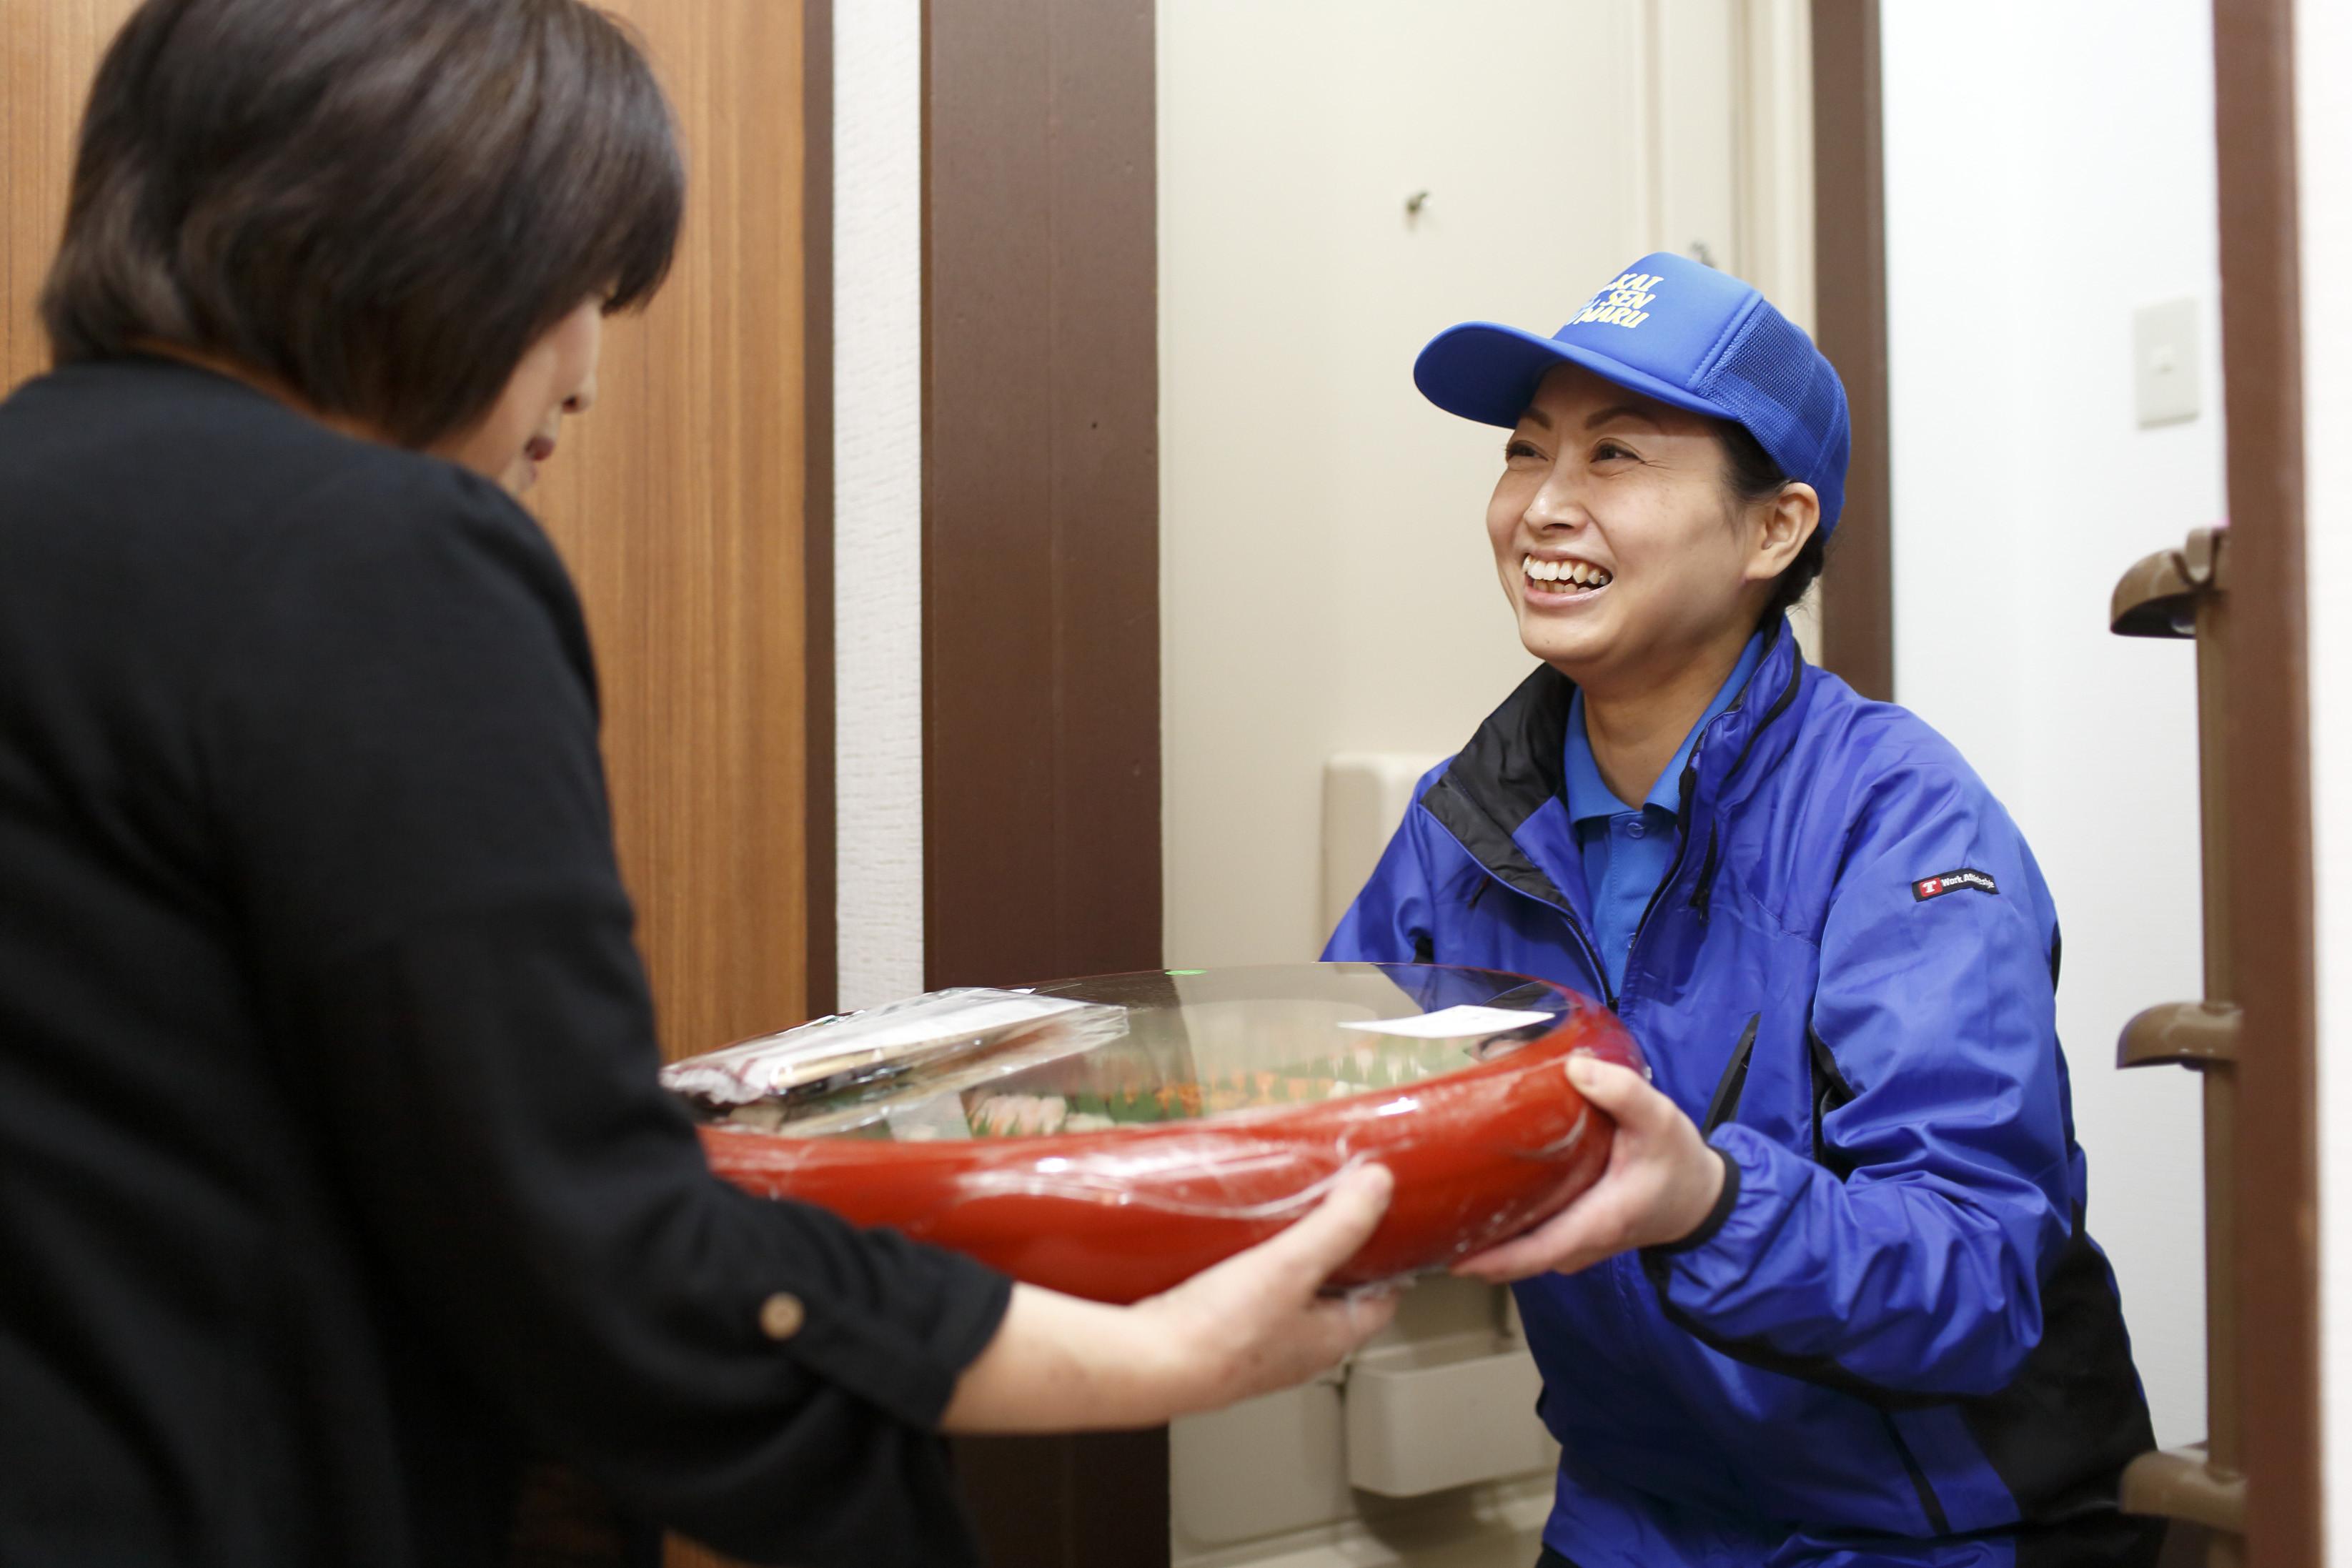 札幌海鮮丸 鶴岡店 デリバリー(配達)スタッフのアルバイト情報